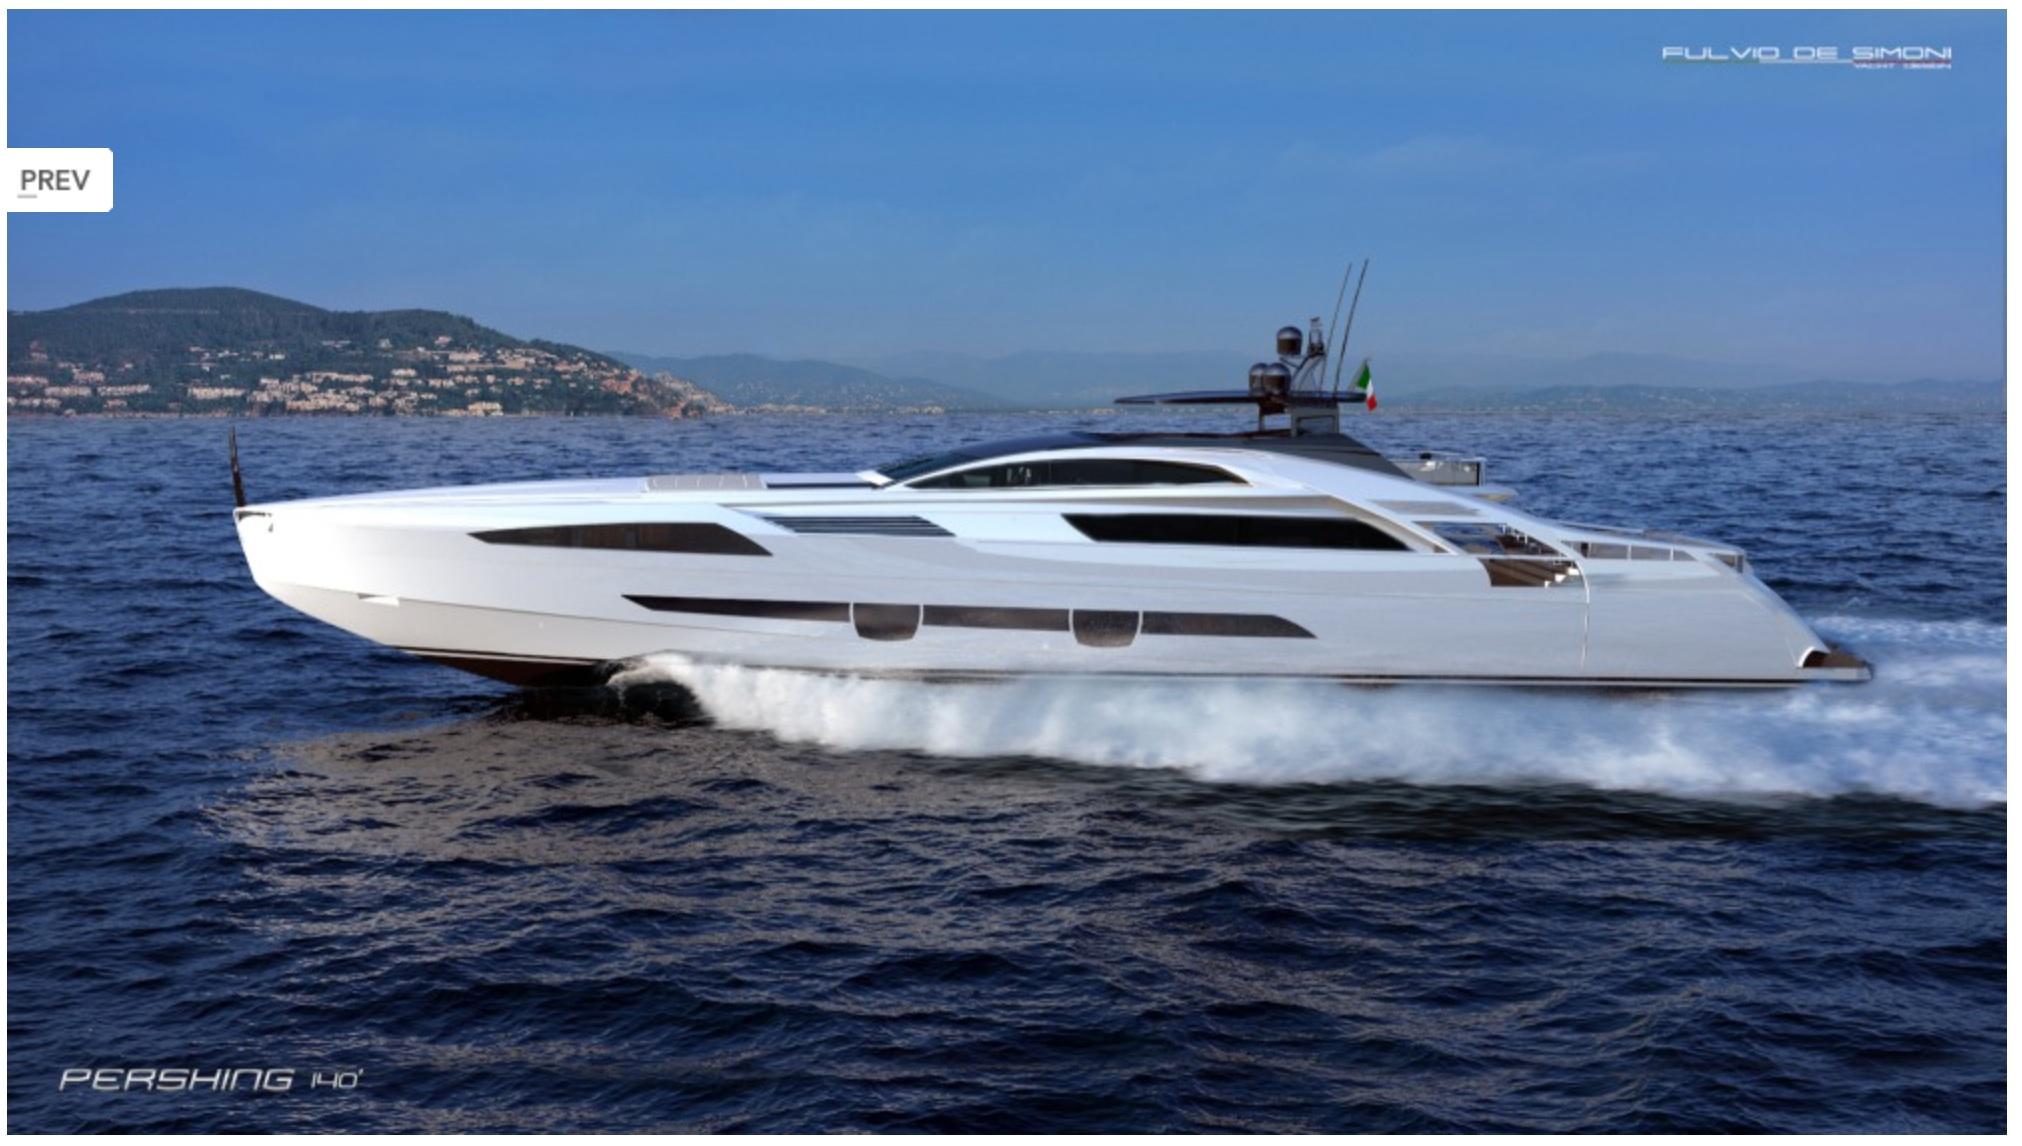 Pershing 140 Project Ita Yachts Canada